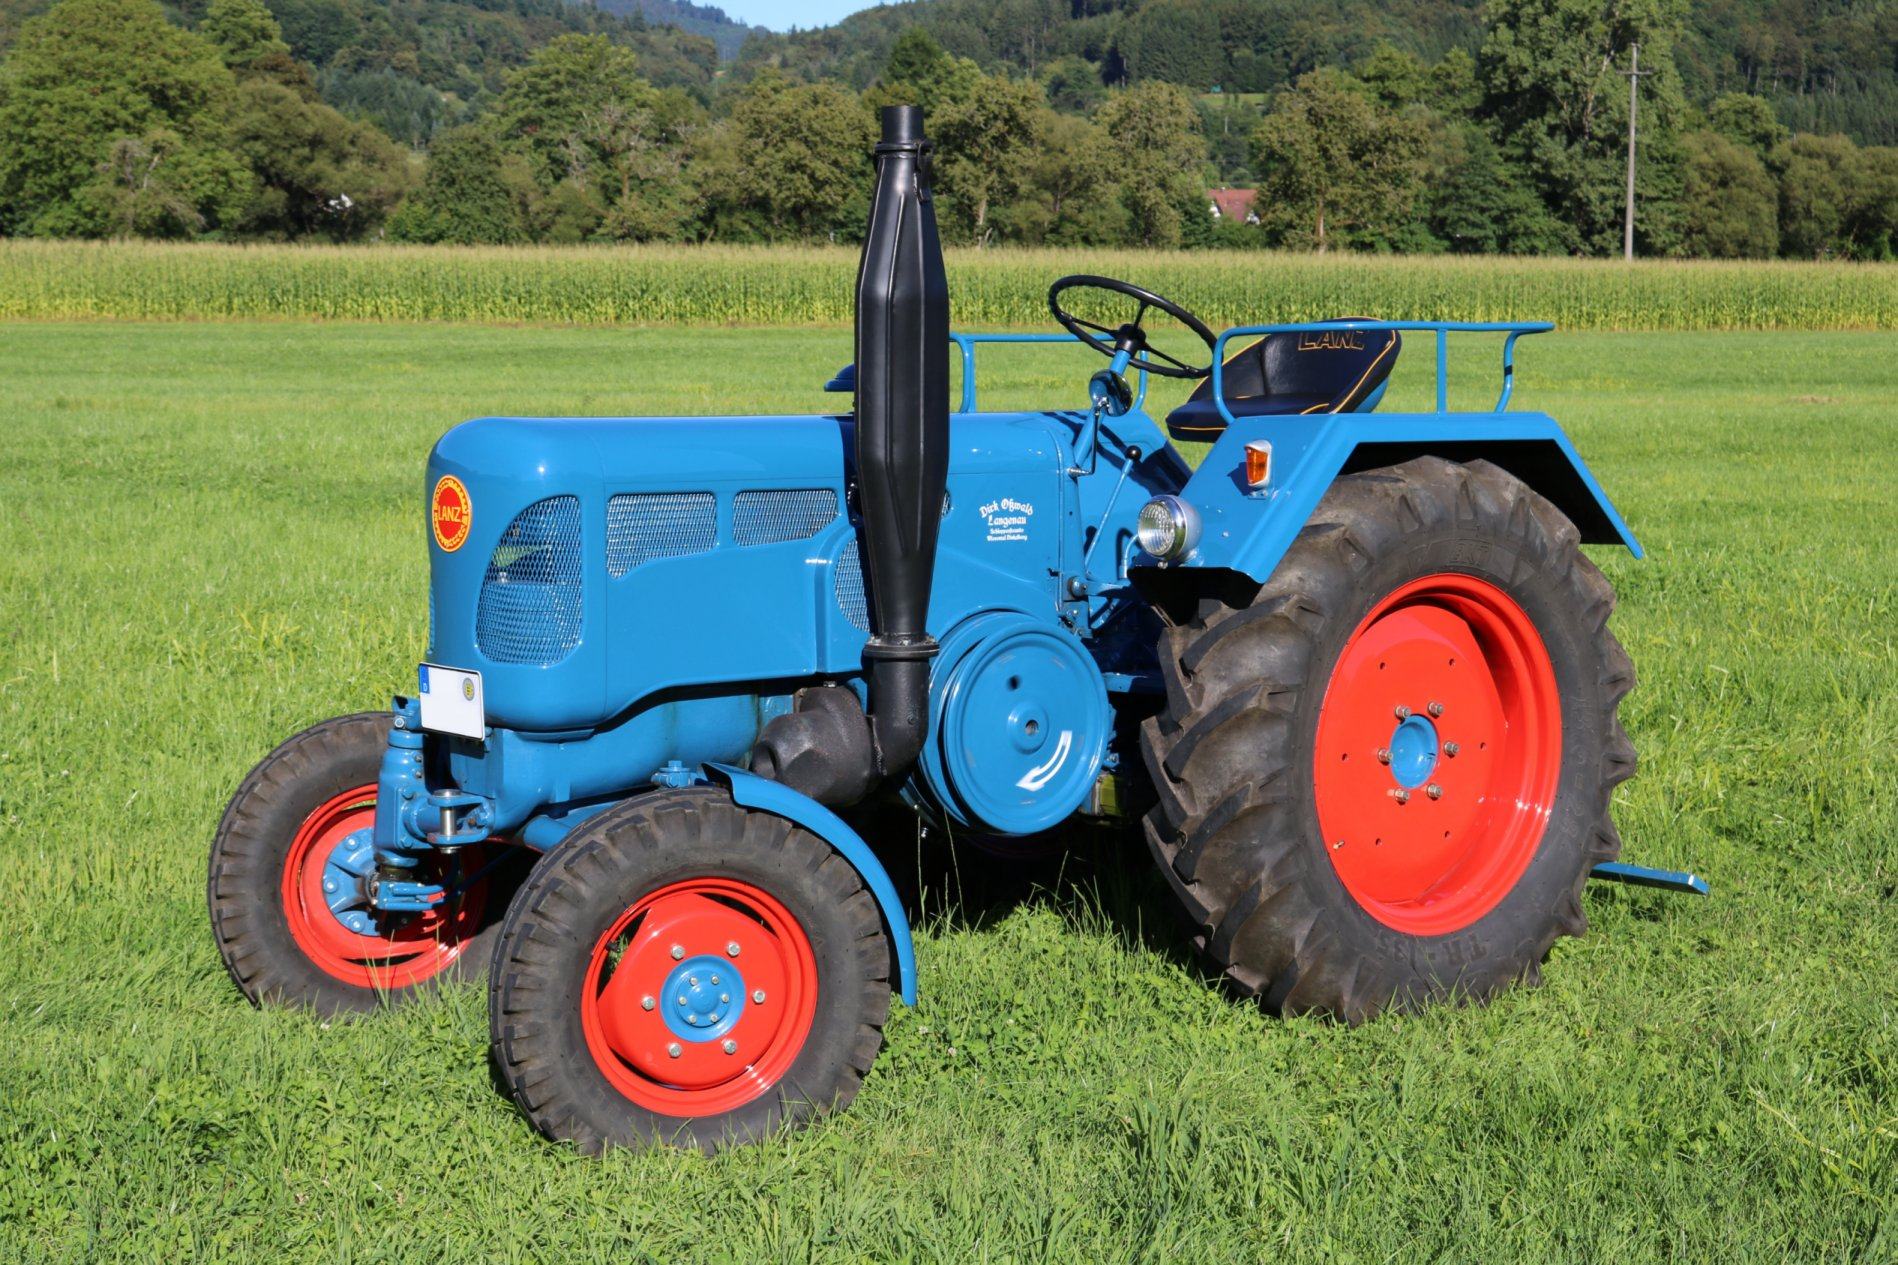 Oldtimer Traktor Ab 1939 verlangsamte sich die Entwicklung im deutschen Traktorenbau da der Großteil der Ressourcen in die Produktion von Kriegsgütern verlagert wurde Hinzu kam noch 1942 das Verbot zum Bau von Schleppermotoren mit flüssigen Brennstoffen so dass auf feste Brennstoffe wie beispielsweise Holz ausgewichen werden musste